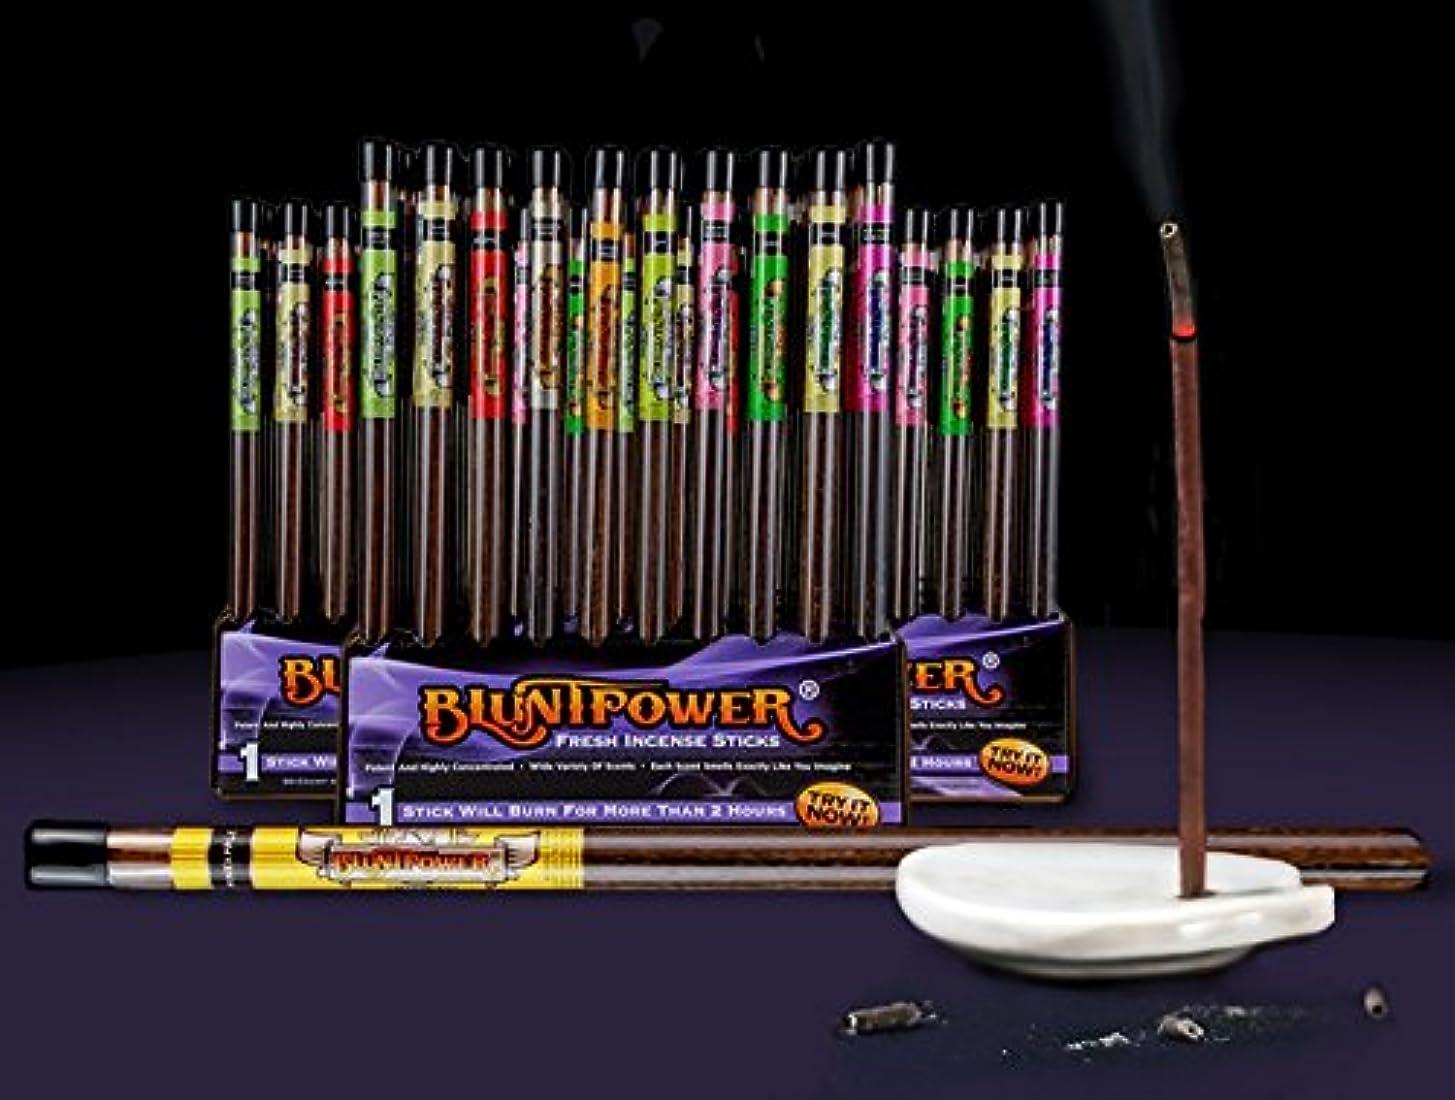 スコアロープ岸BluntPower Air Freshener Fresh Incense Sticks Assorted Scents ( 6ctパックof 10 ) – バルクパック、NOダンボール表示